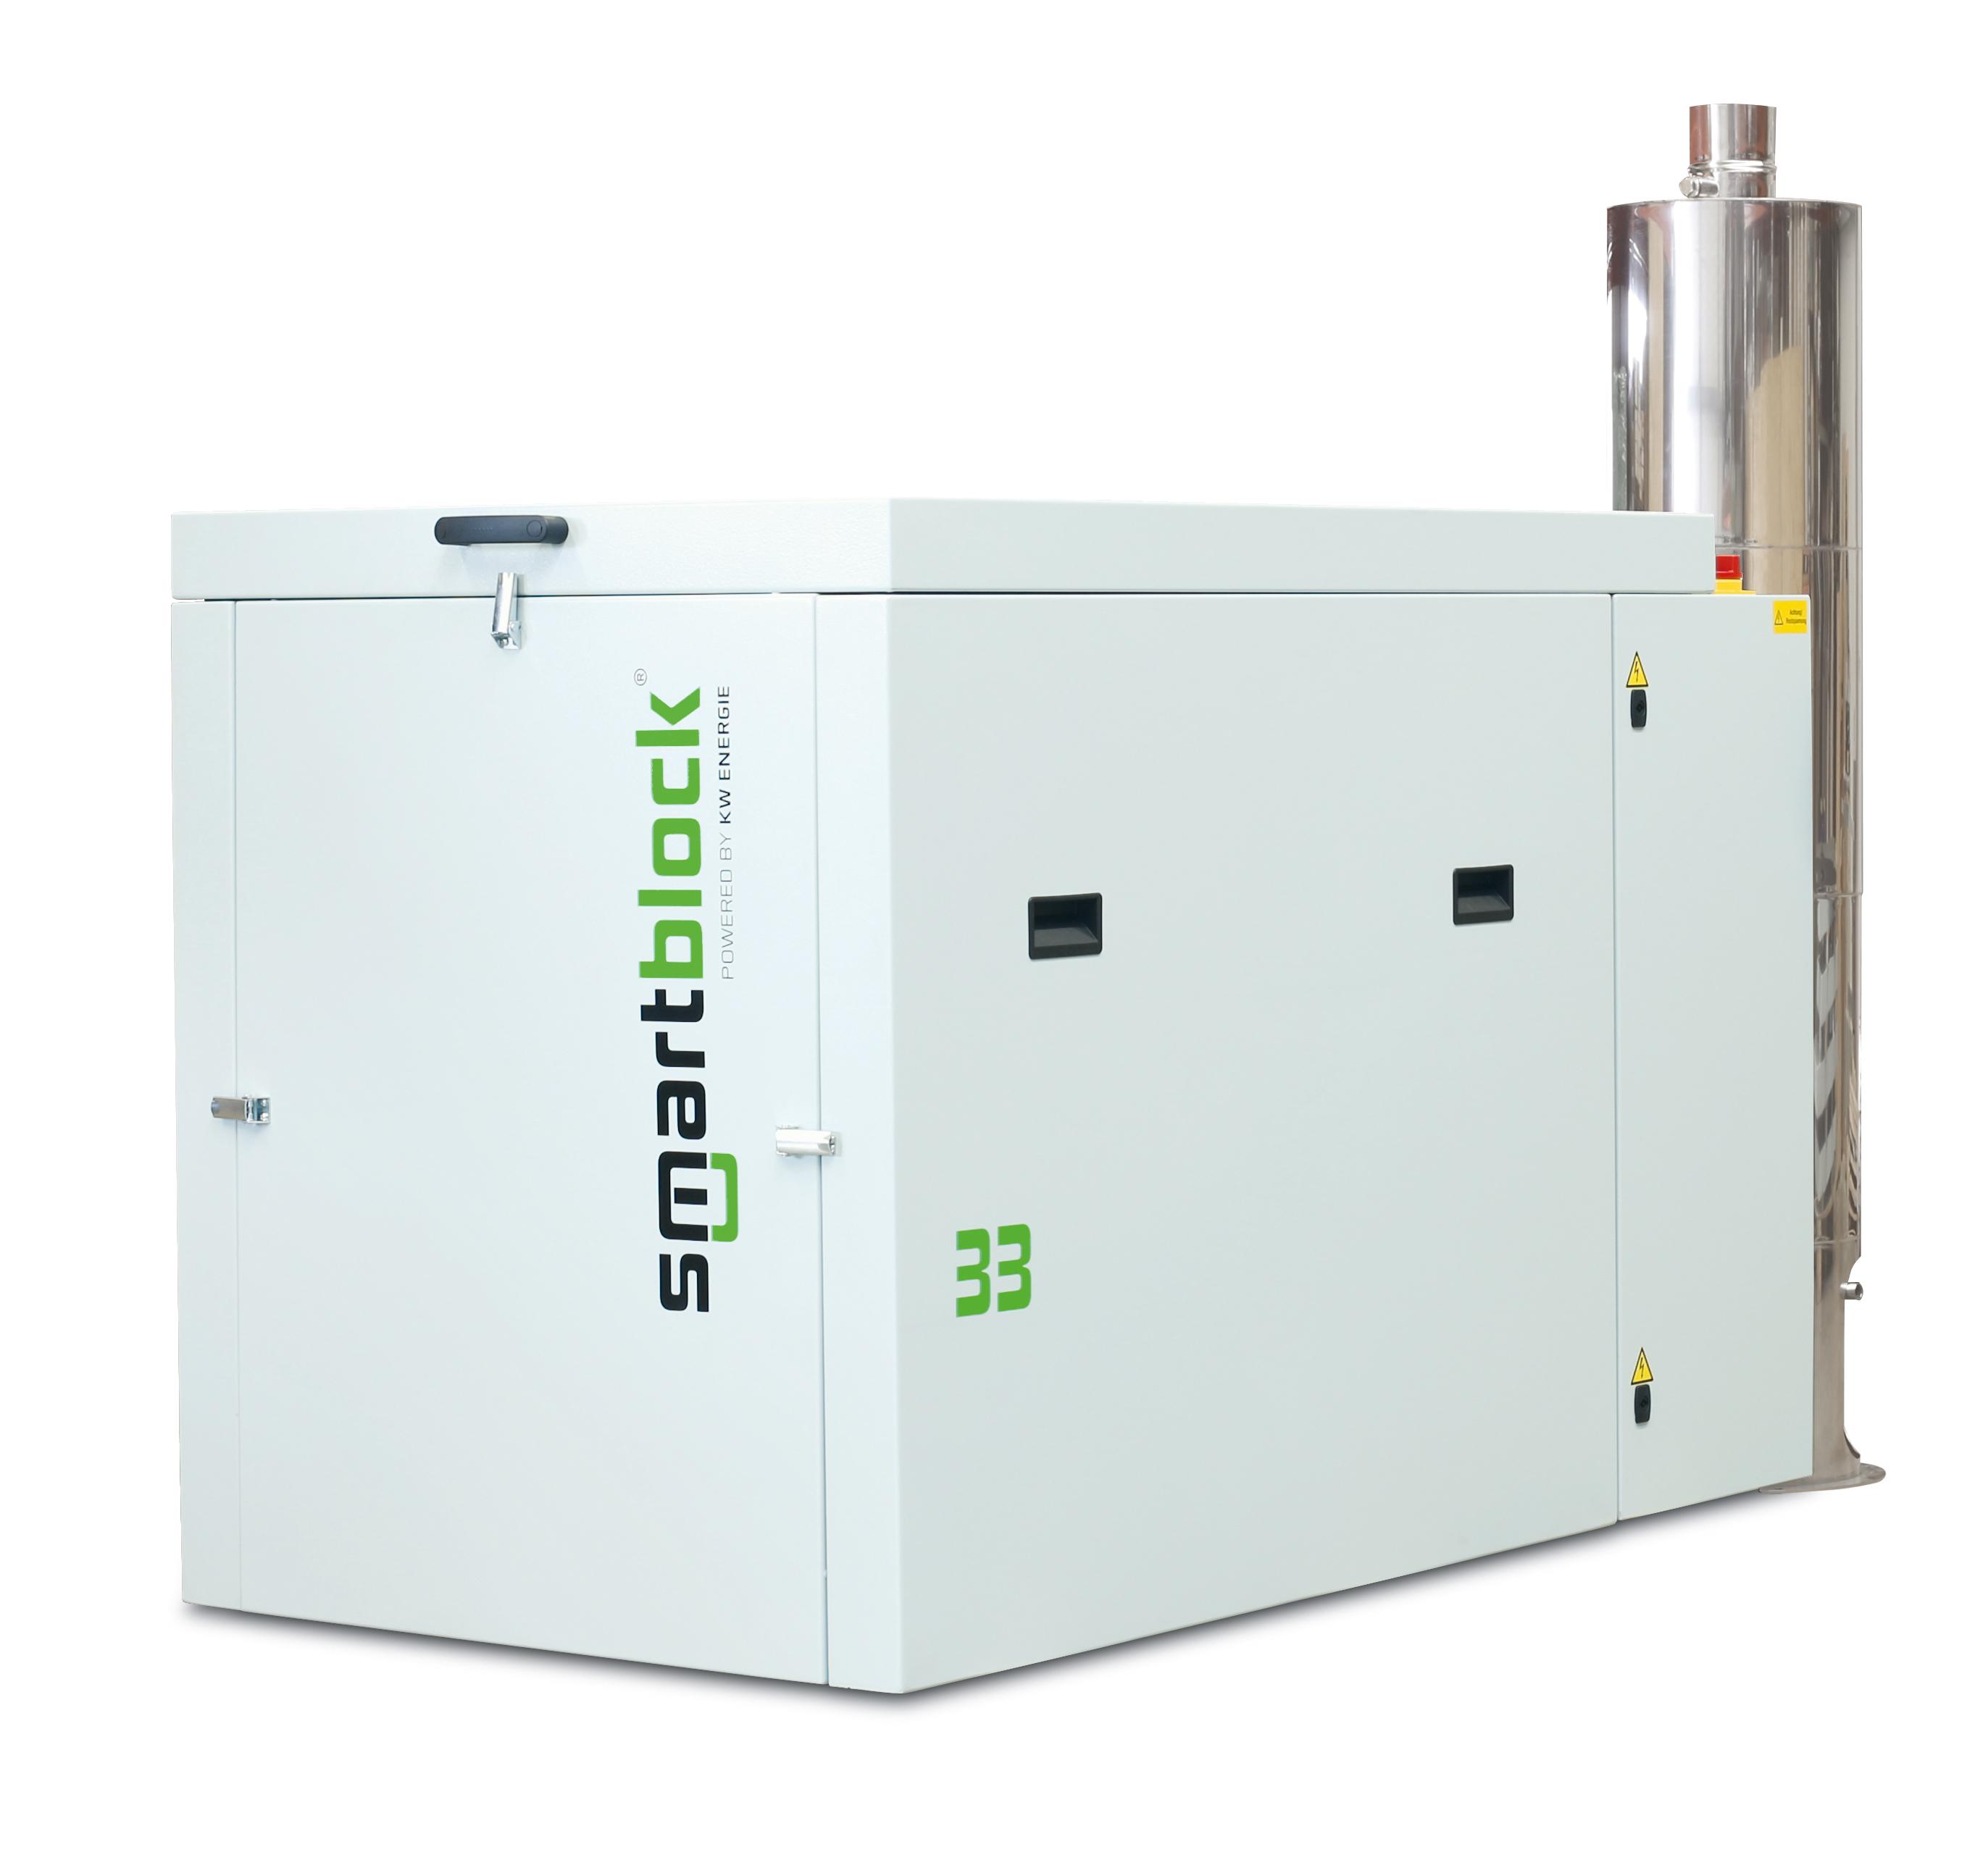 Gebers Energietechnik GmbH